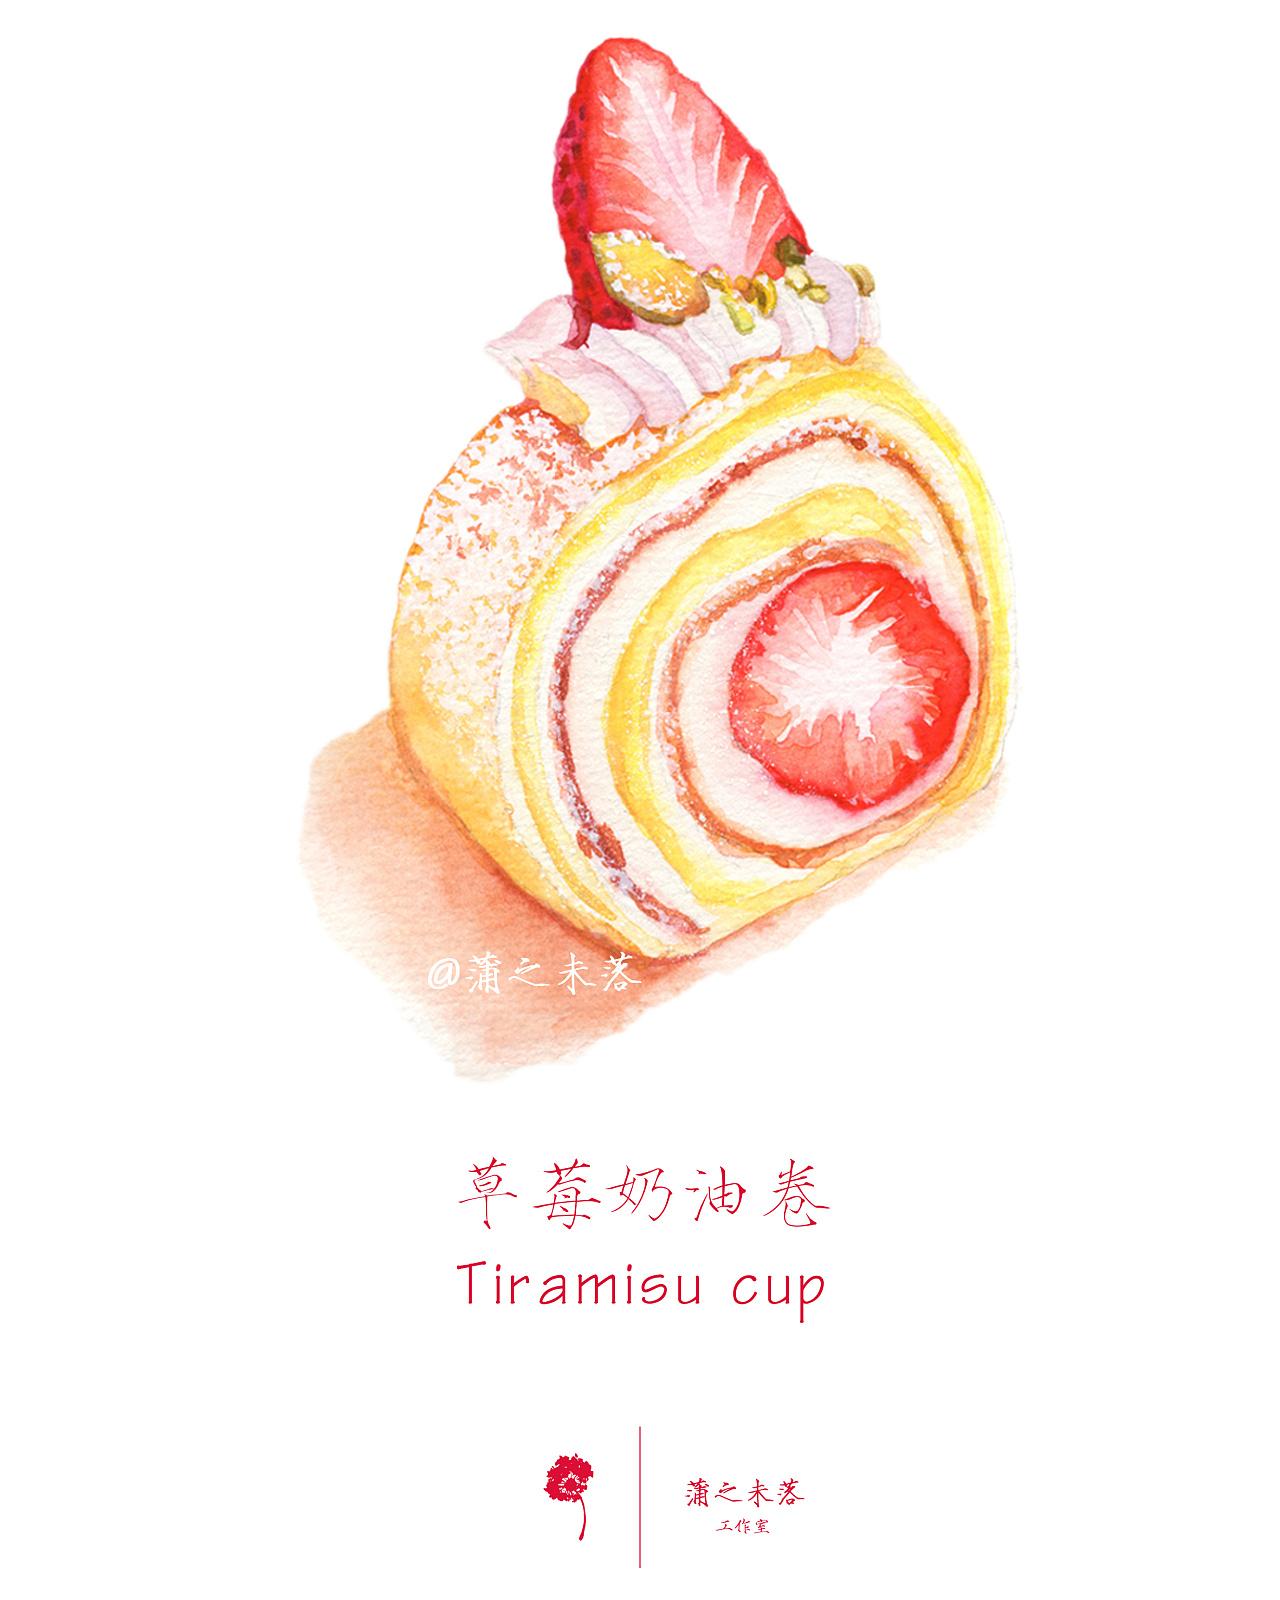 水彩手绘—草莓奶油卷 超详细视频教程,零基础小白也能学得会 甜品篇